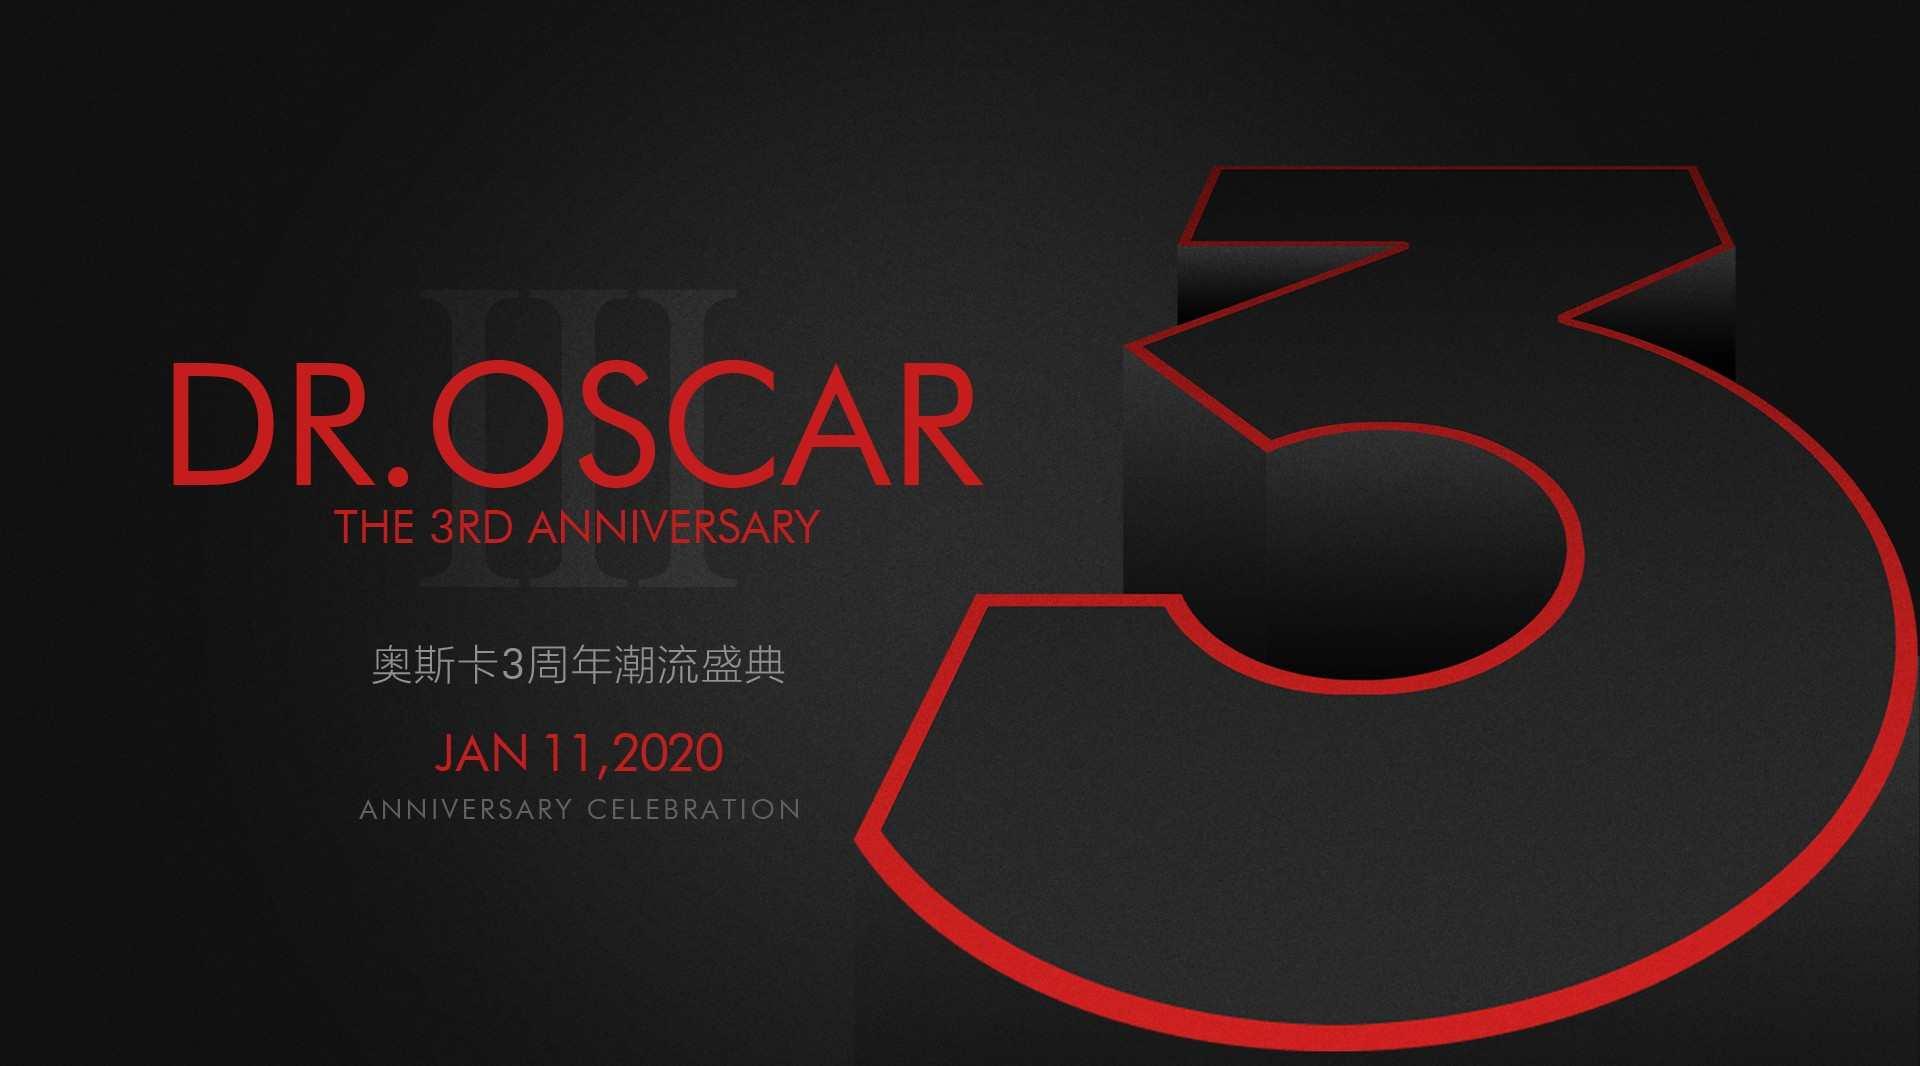 Dr.Oscar三周年庆典